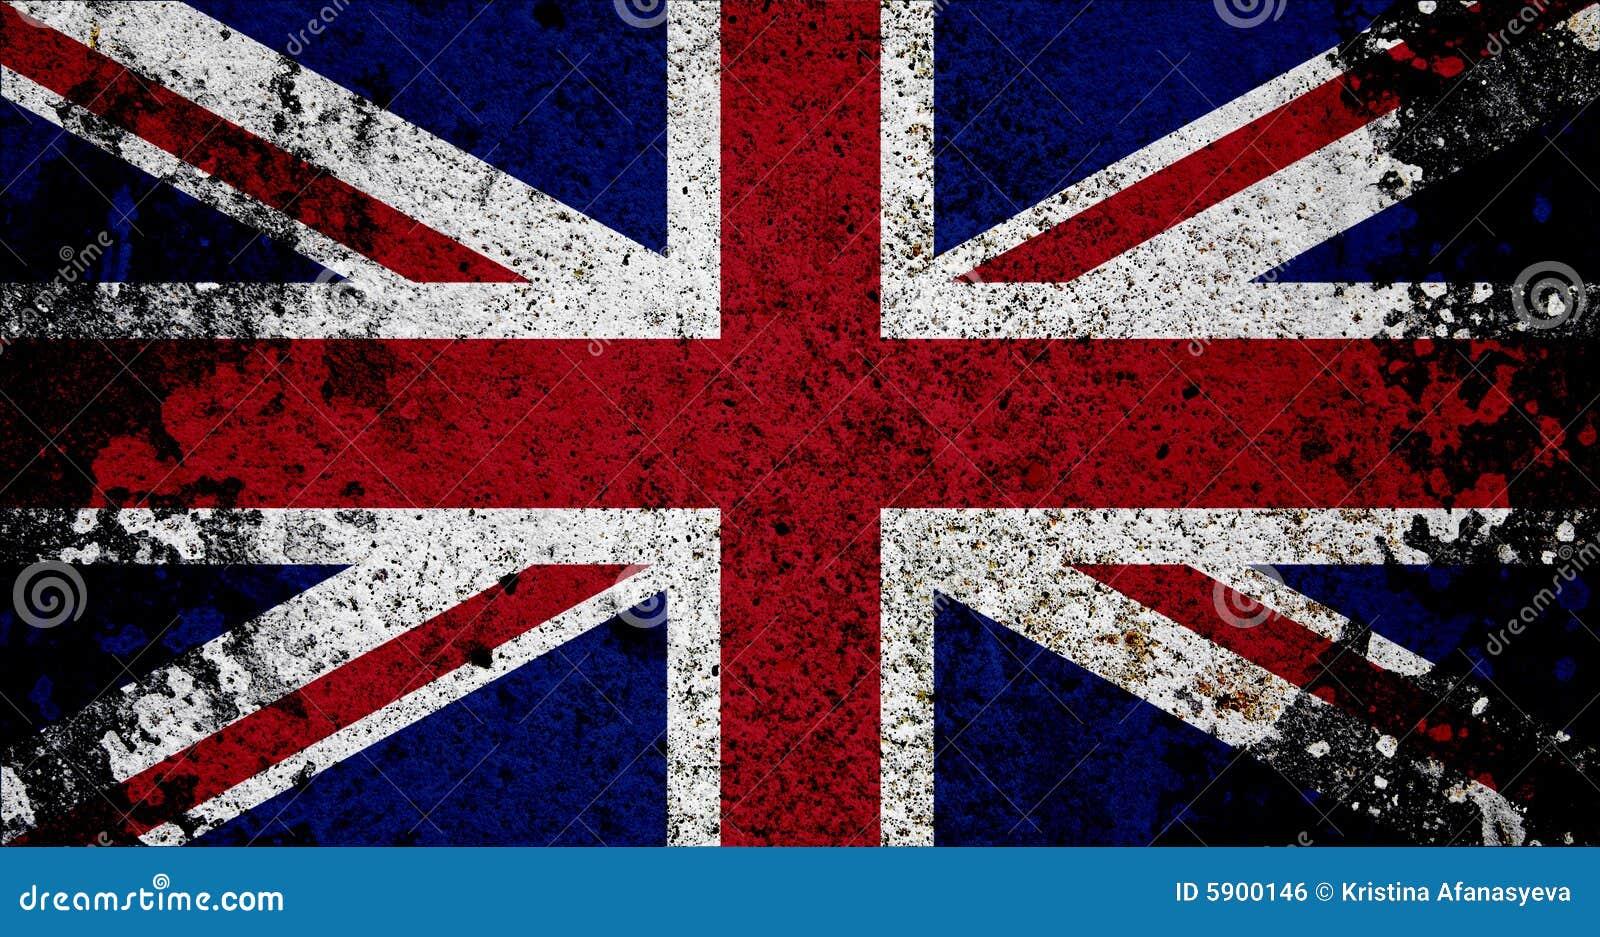 Grunge flag of uk royalty free stock image image 5900146 - Uk flag images free ...